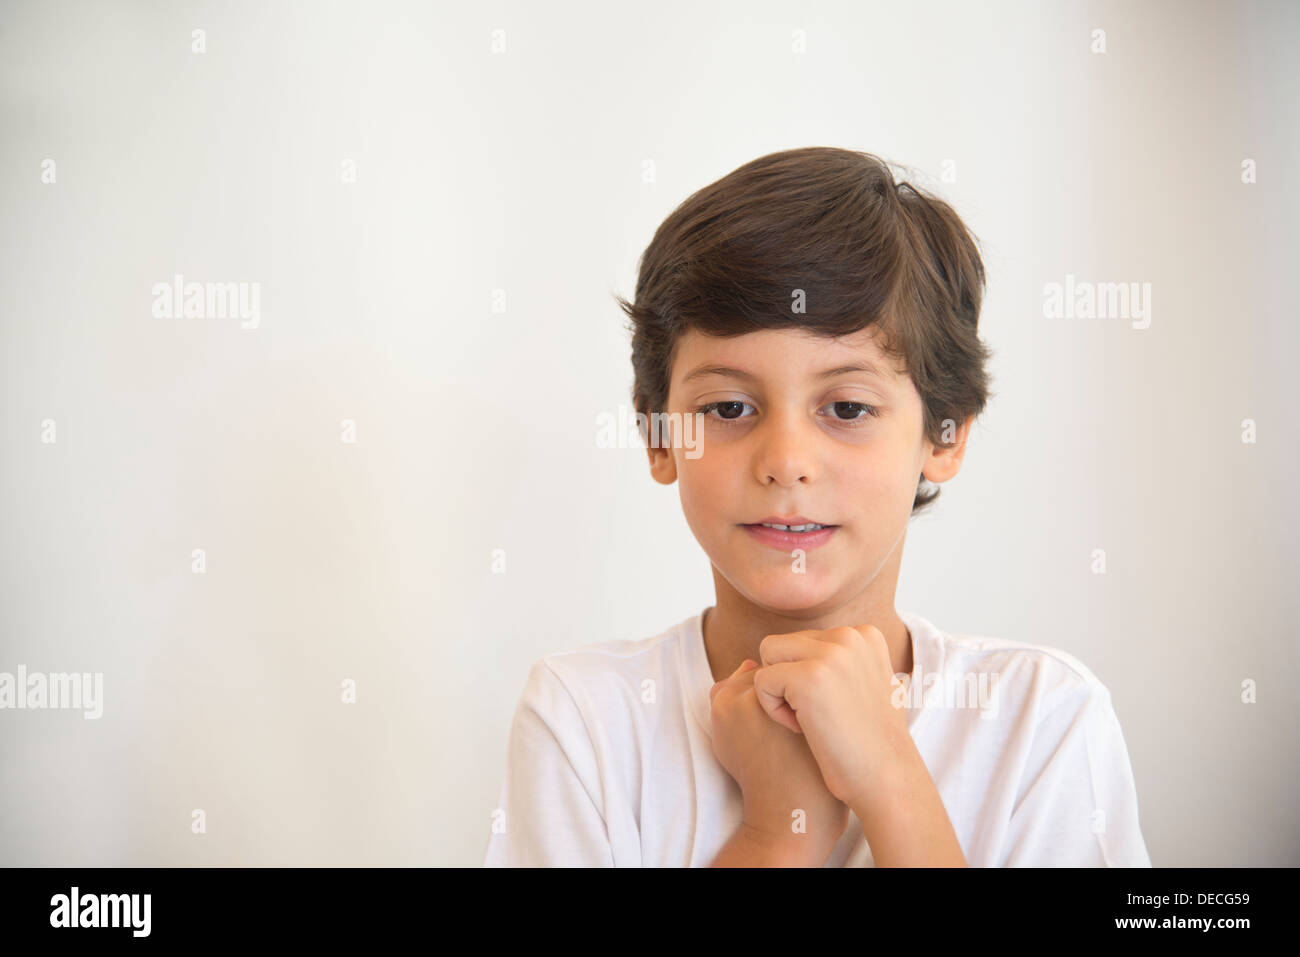 Junge, Kind, Schüler, erwartet, Erwartung, Spannung, warten, Überraschung, kindisch, träumen, warten, Stockbild